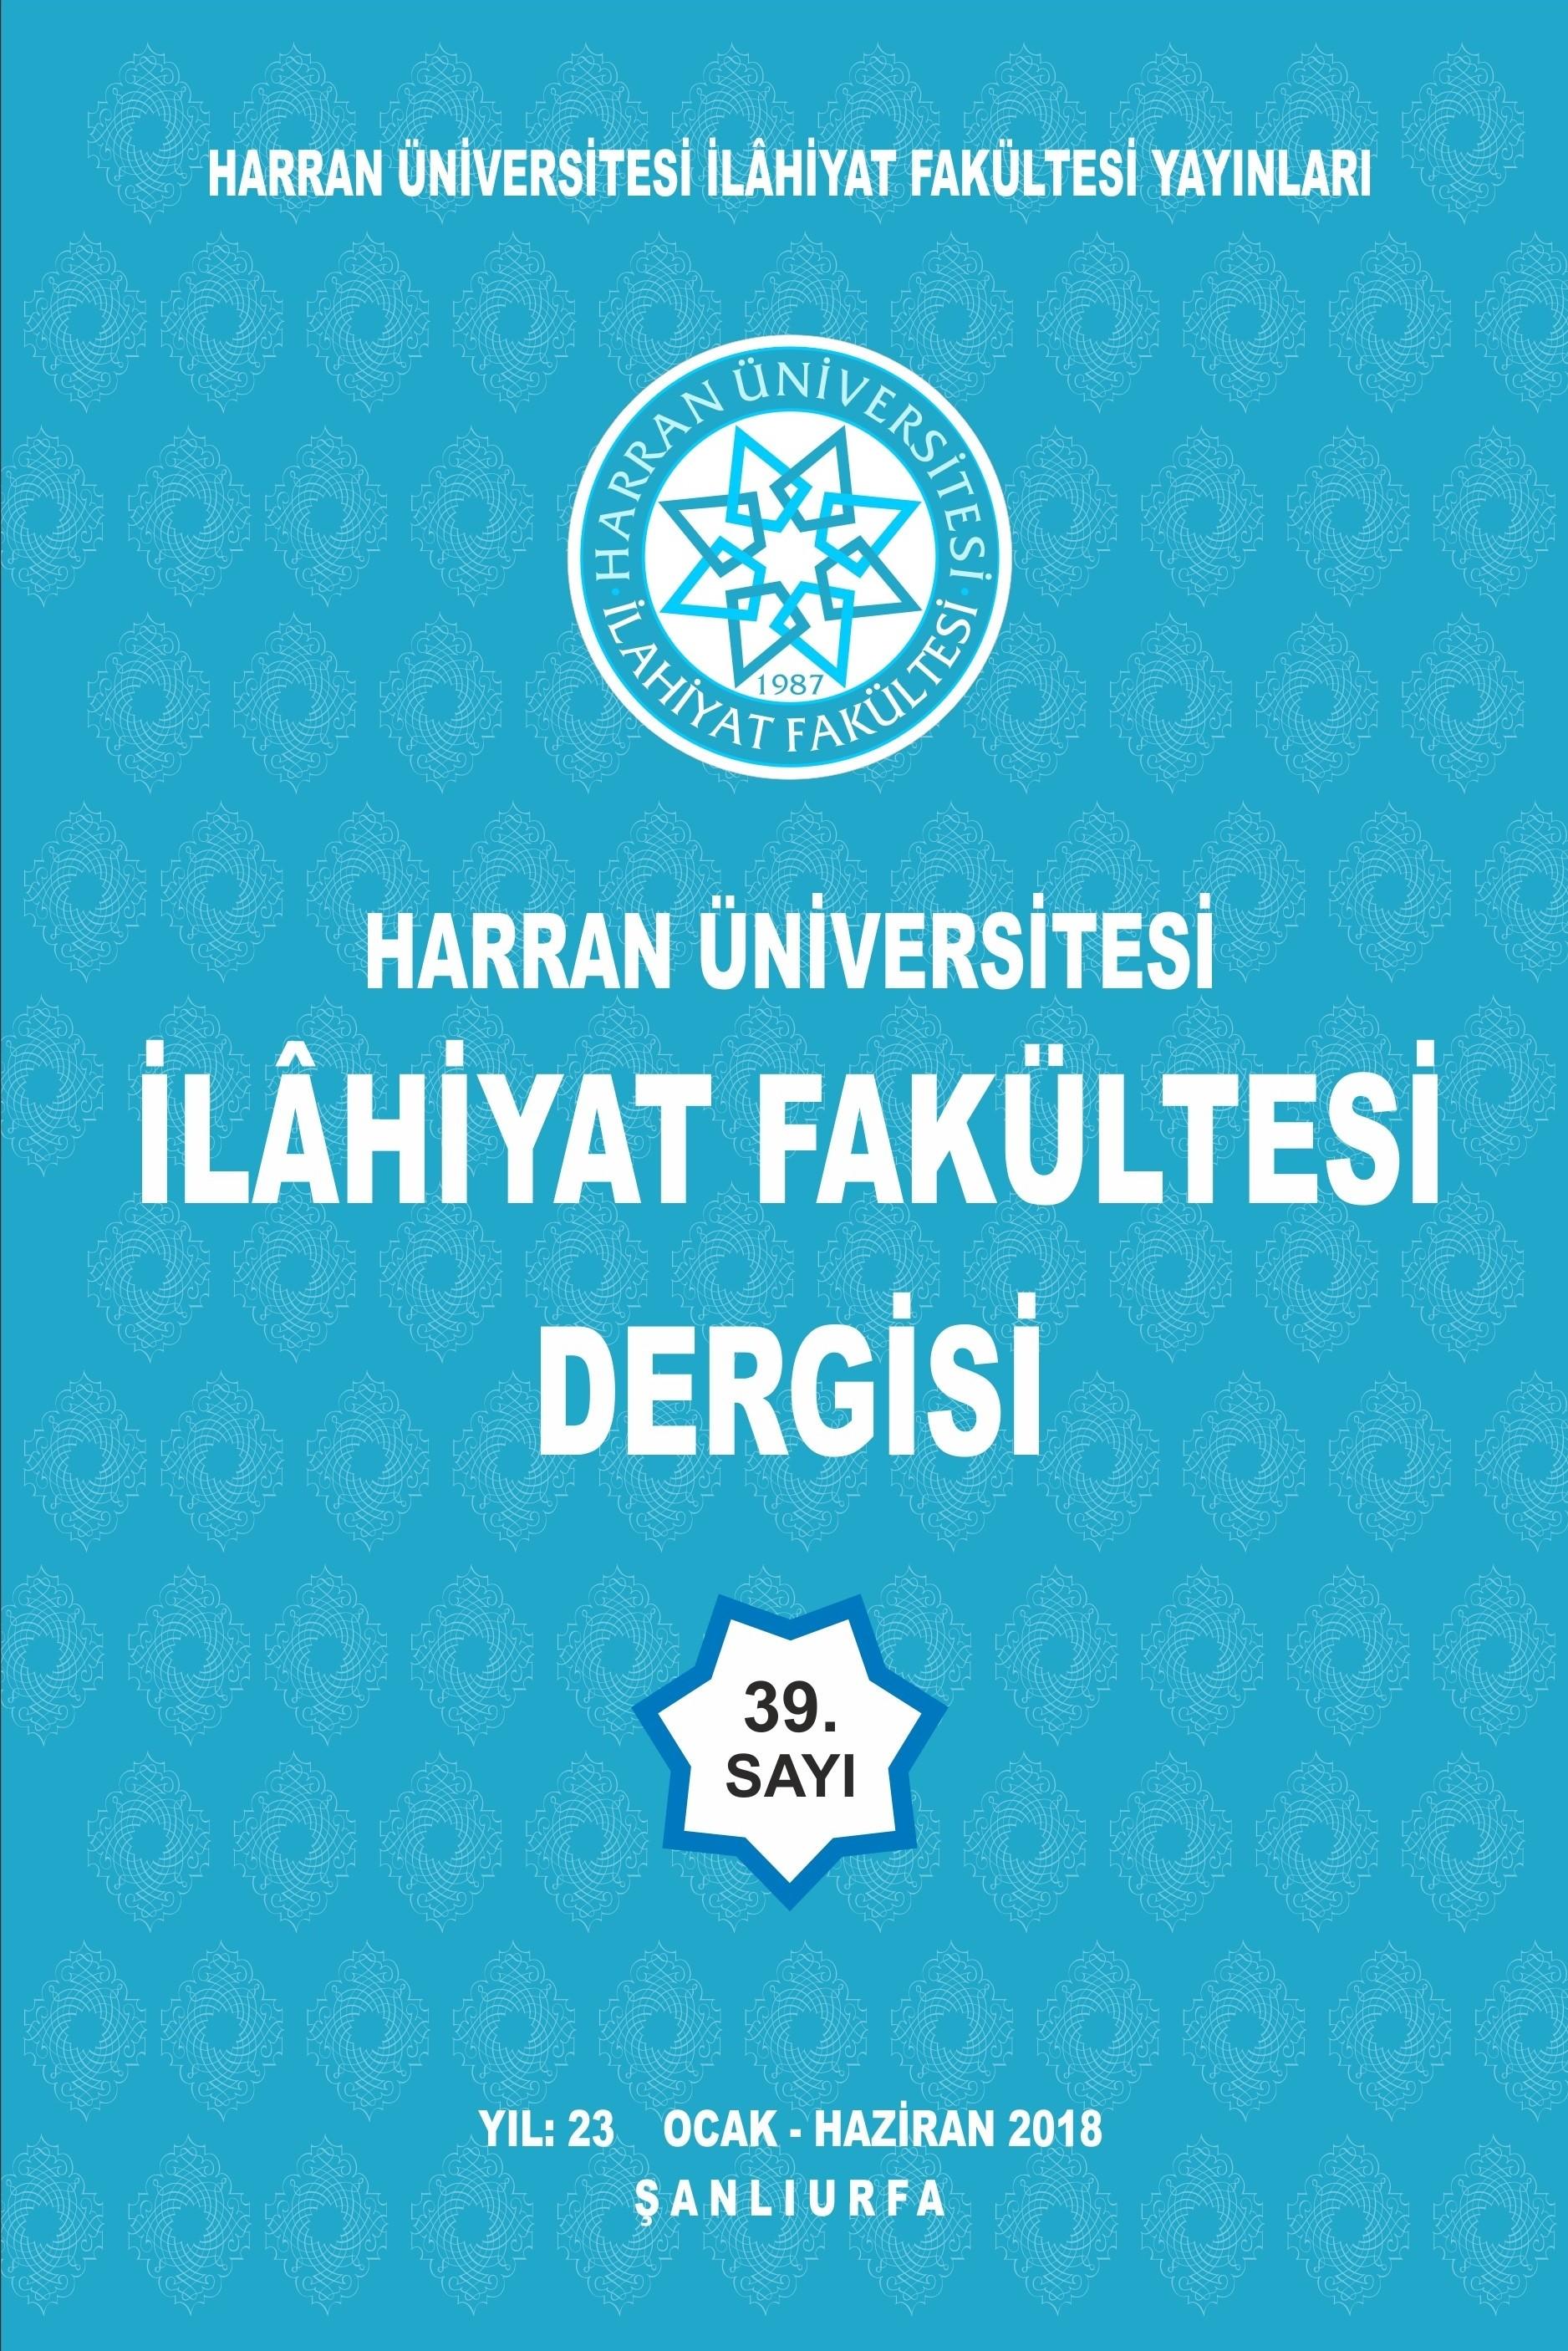 Harran Üniversitesi İlahiyat Fakültesi Dergisi